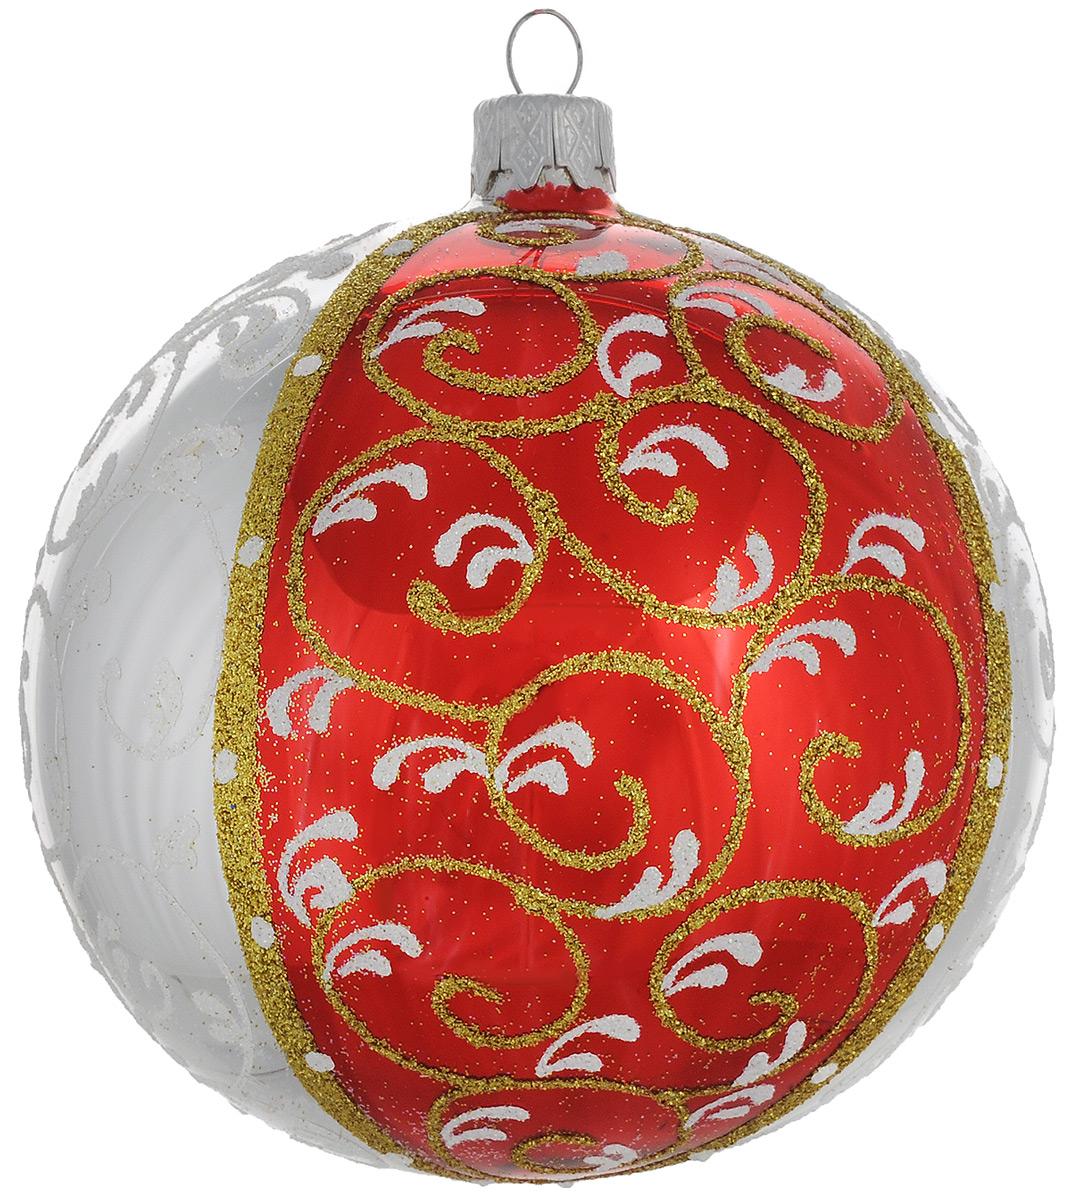 """Новогоднее подвесное украшение """"Четыре доли геометрия"""", цвет: красный, диаметр 10 см. Ручная роспись Фабрика елочных игрушек им. Санта"""